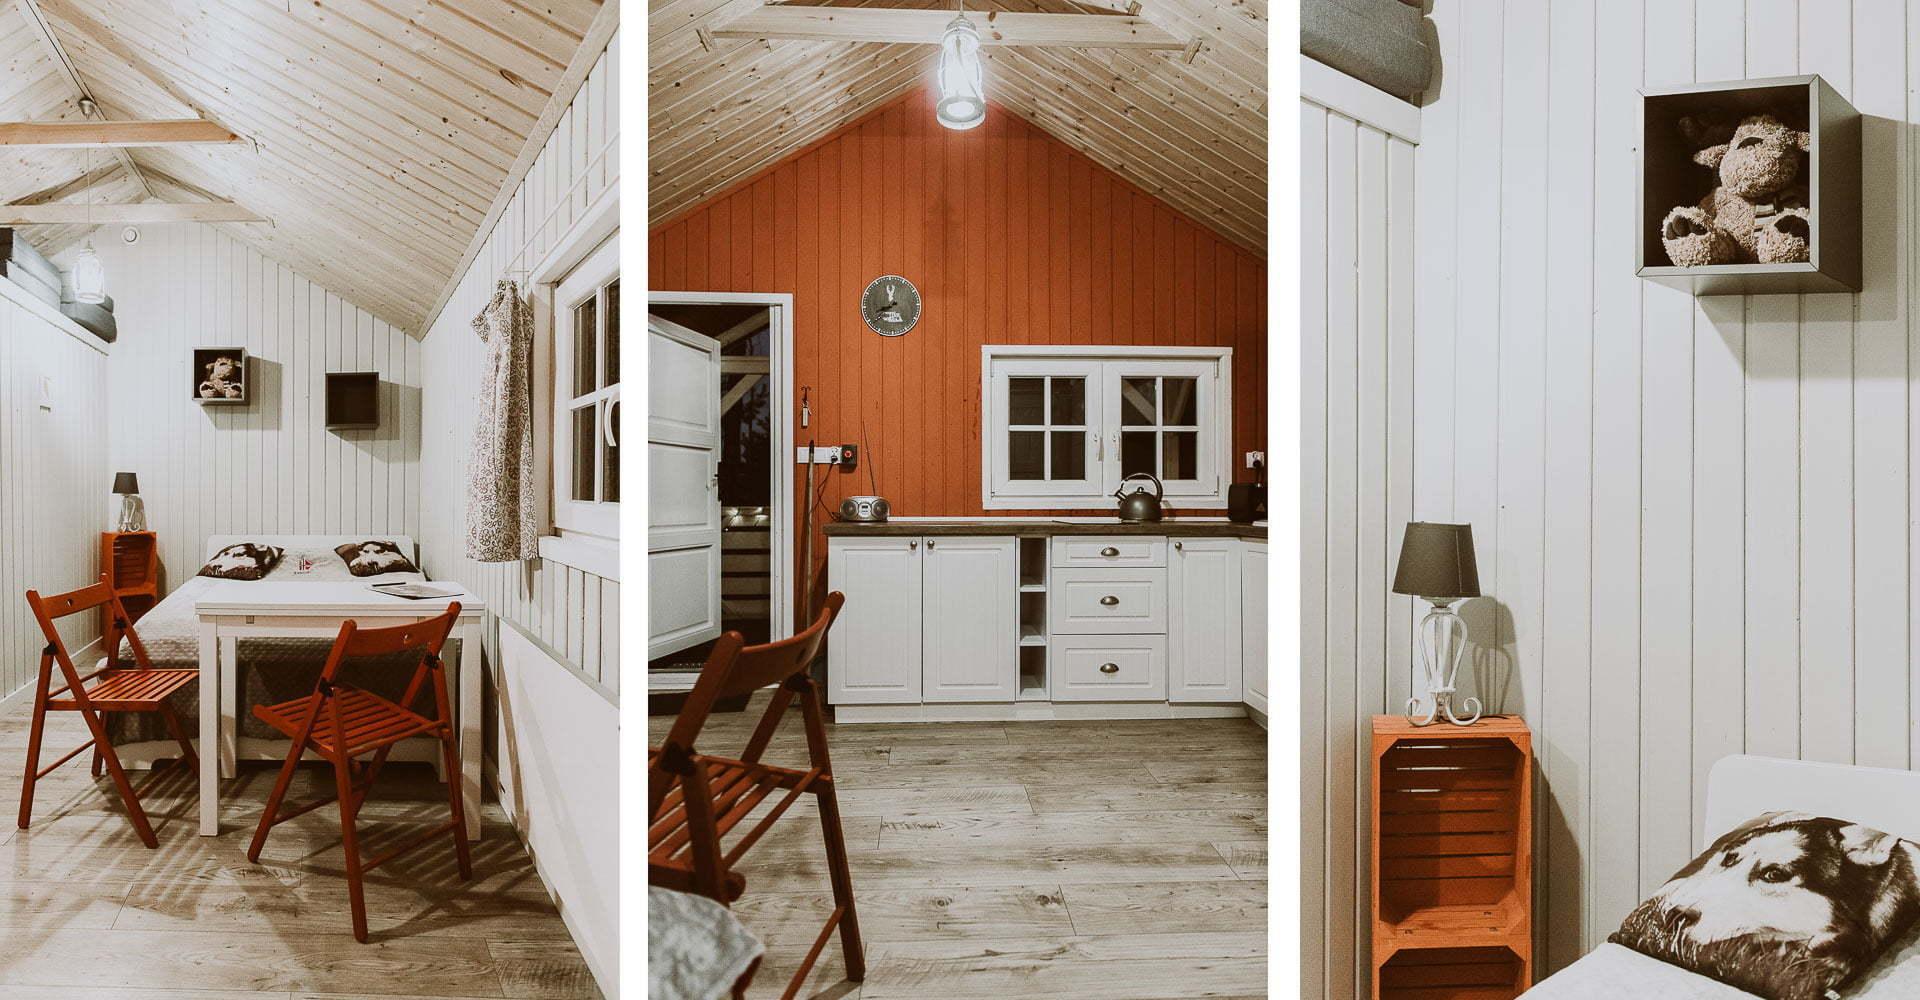 Arendel Wioska Norweska - wnętrze domek czerwony